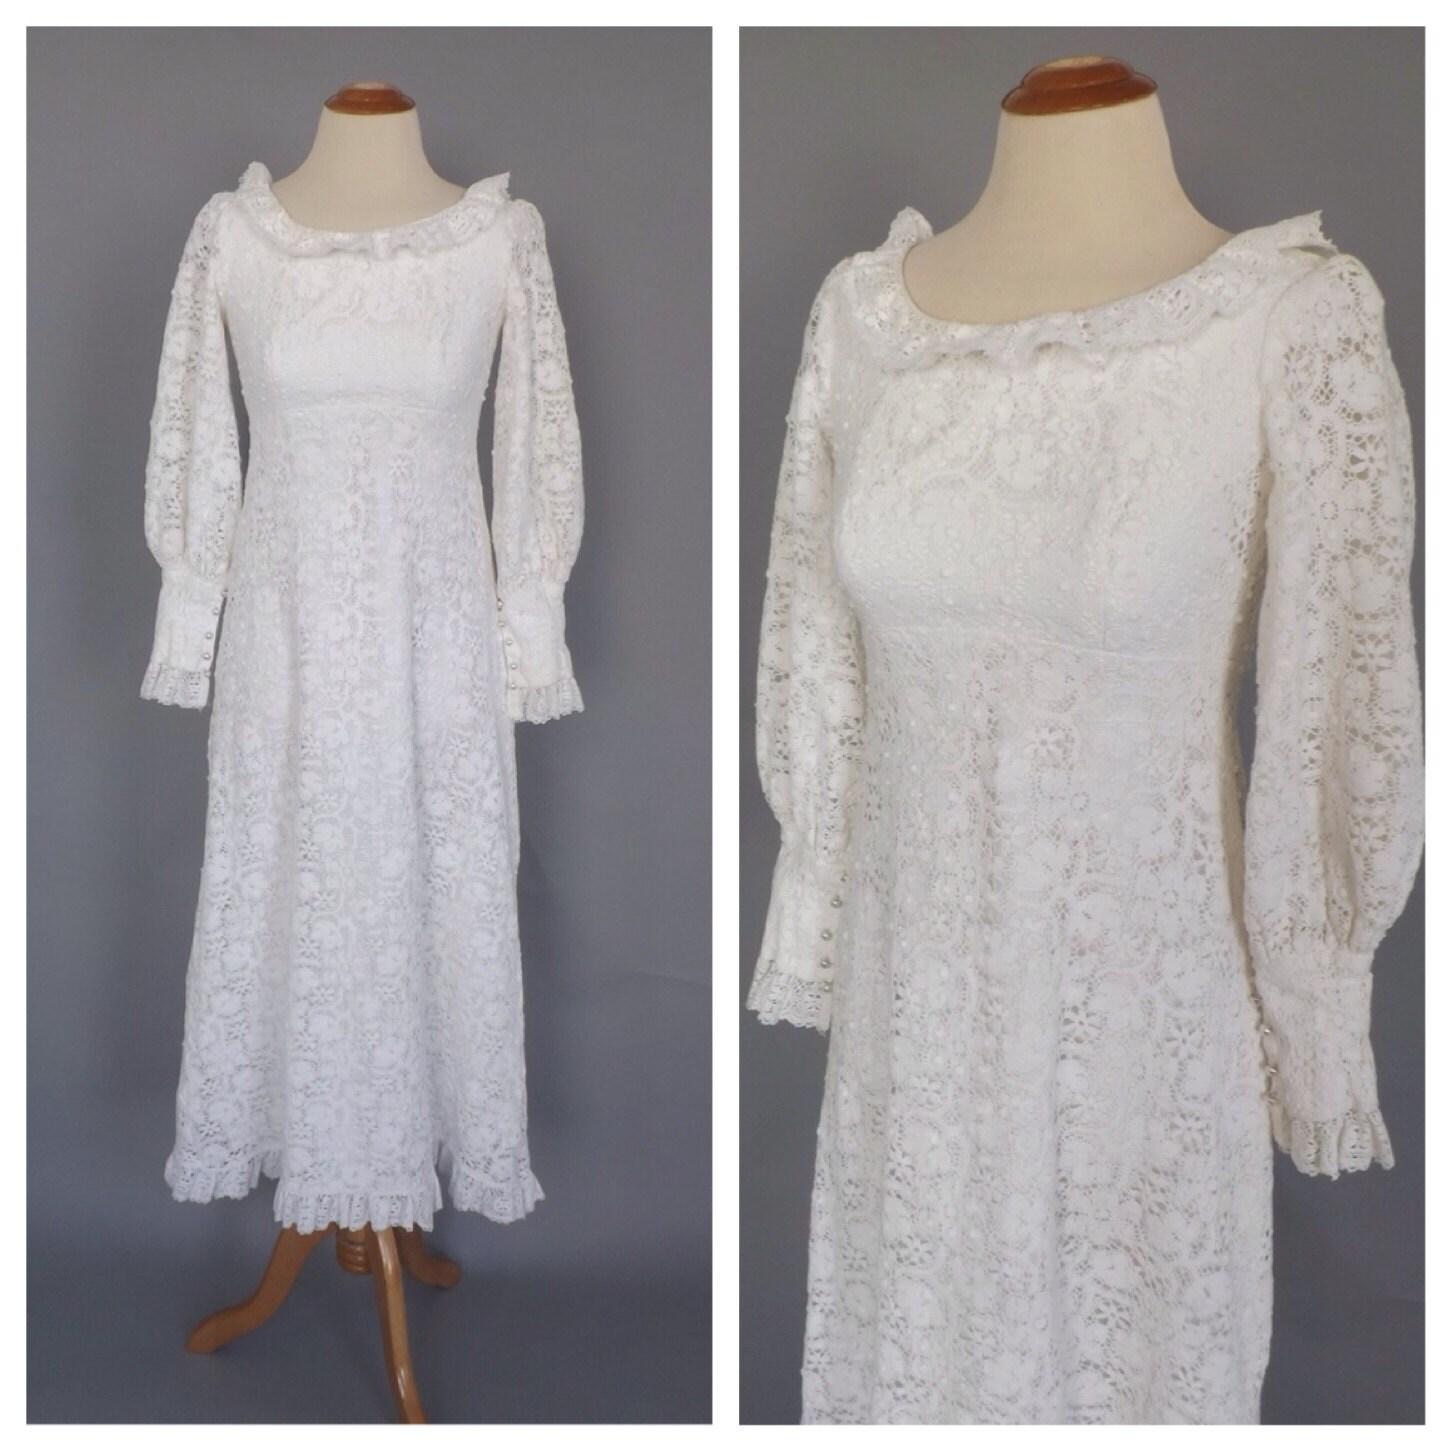 Vintage 1960s 70s Lace Wedding dress cotton Crochet lace Long